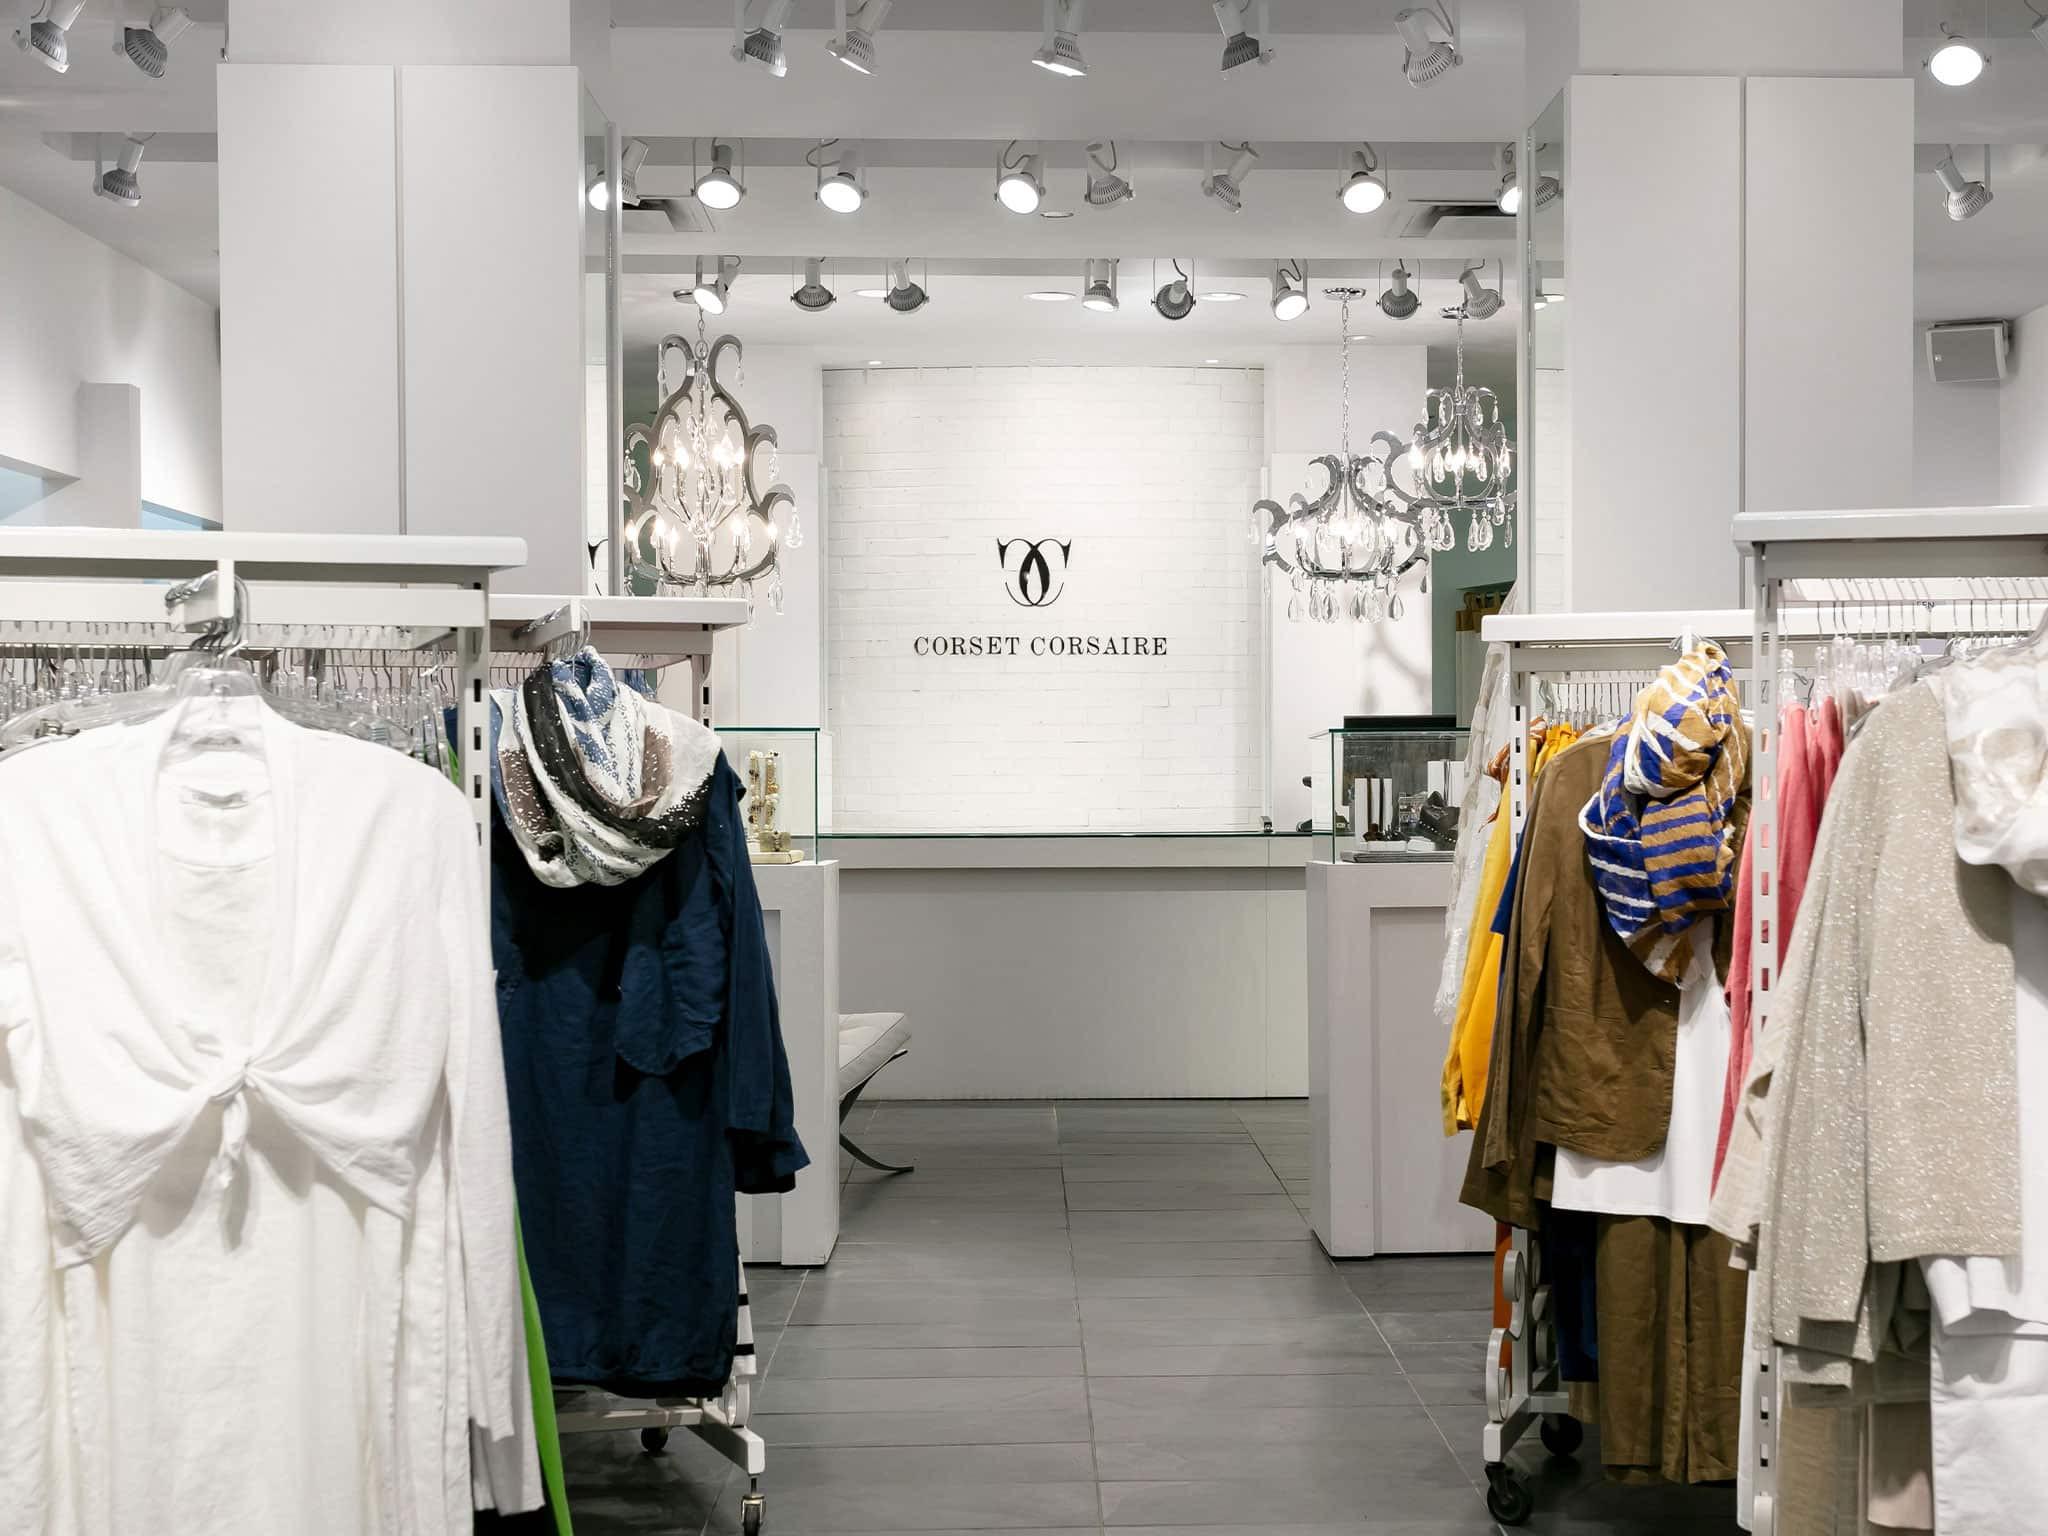 b13276effb232 Maude & Corset Corsaire — Browse Our Selection Of Stores — Place de ...